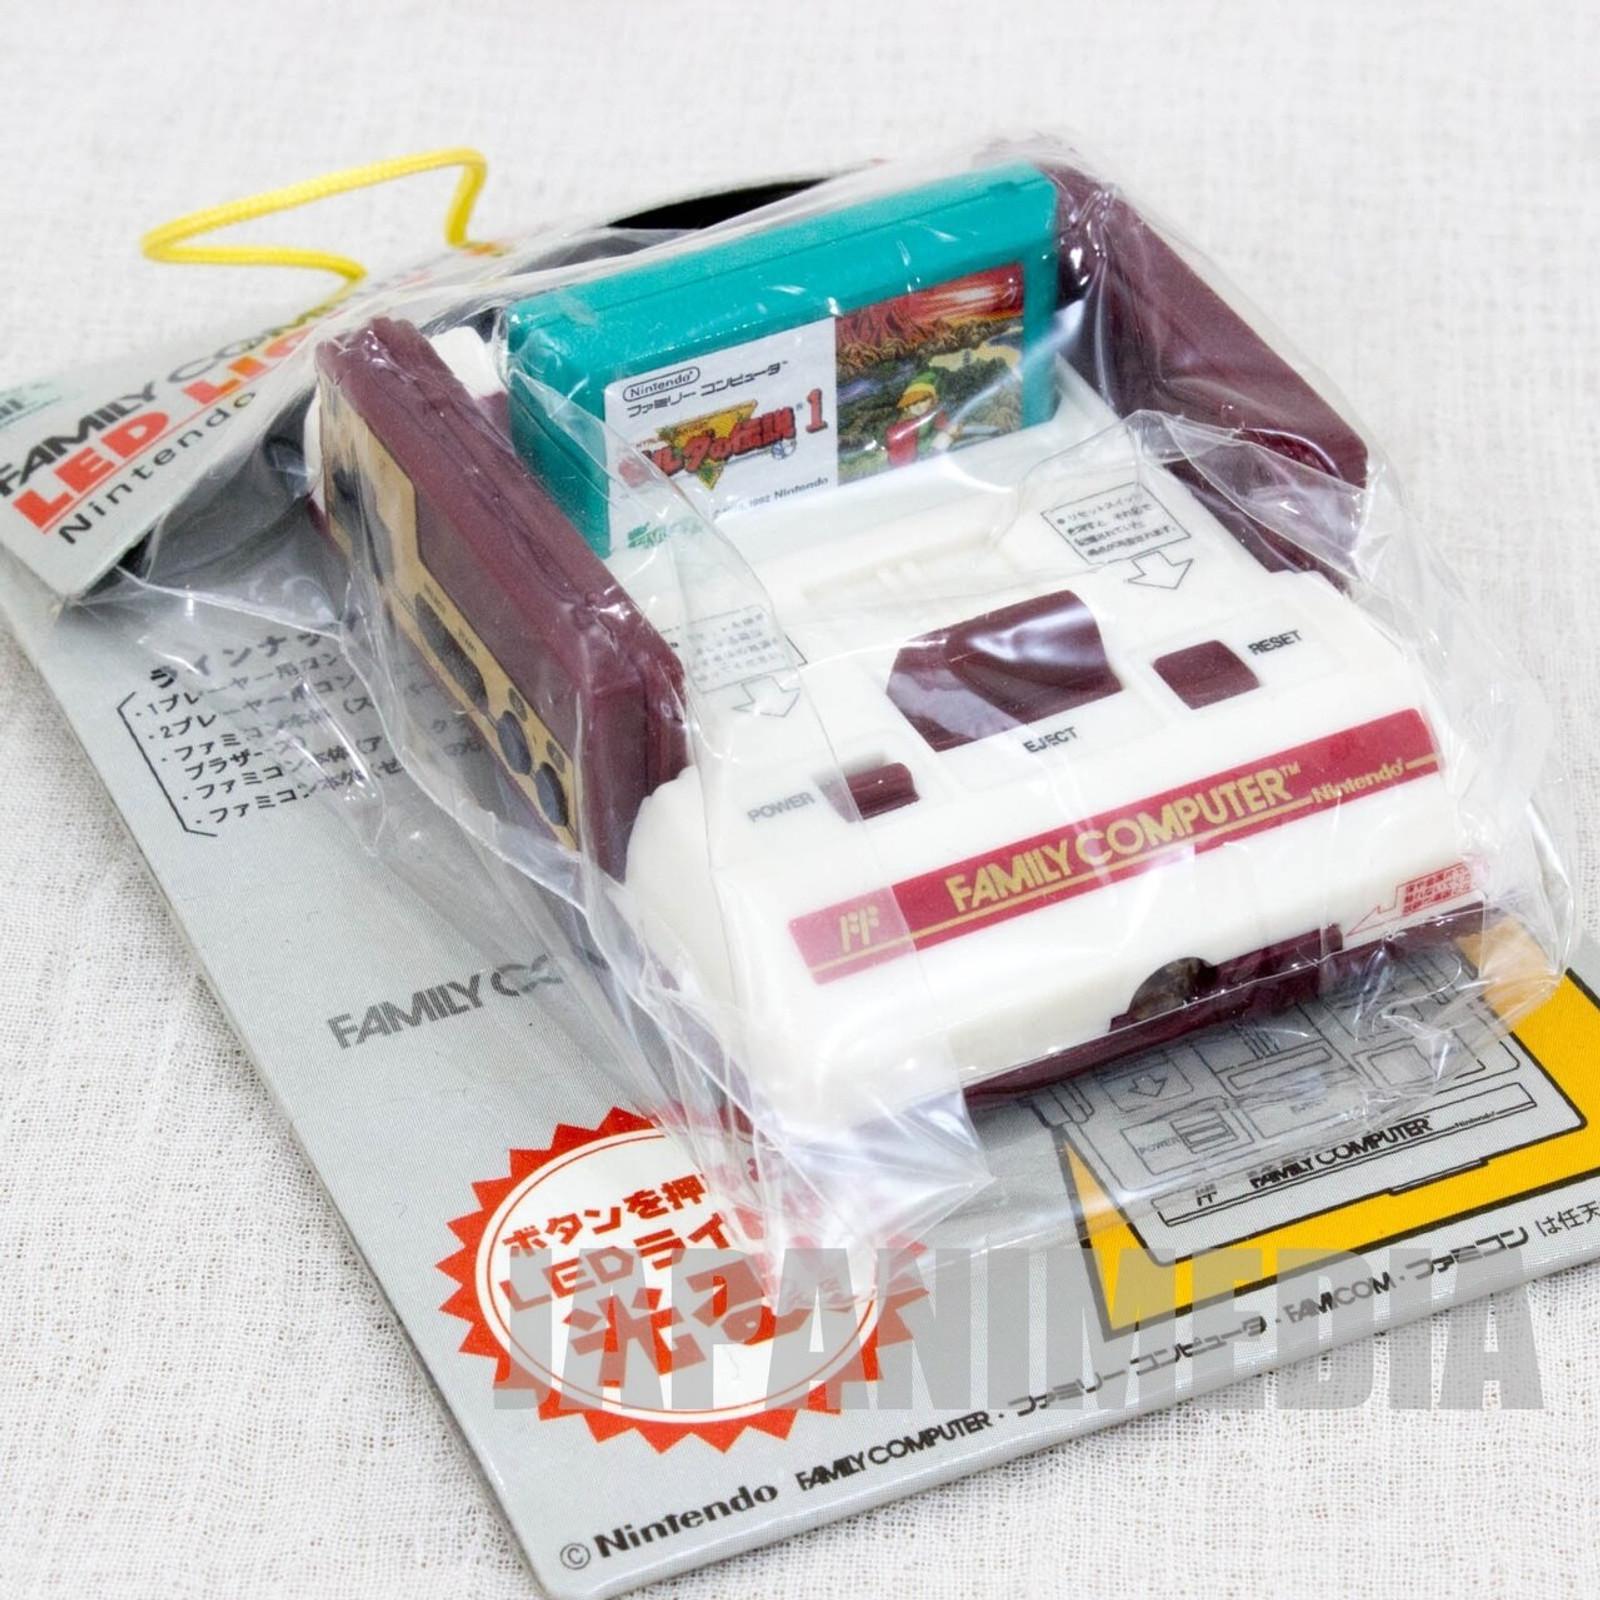 Nintendo Family Computer Zelda Cassette LED Light Figure Key Chain Famicom NES